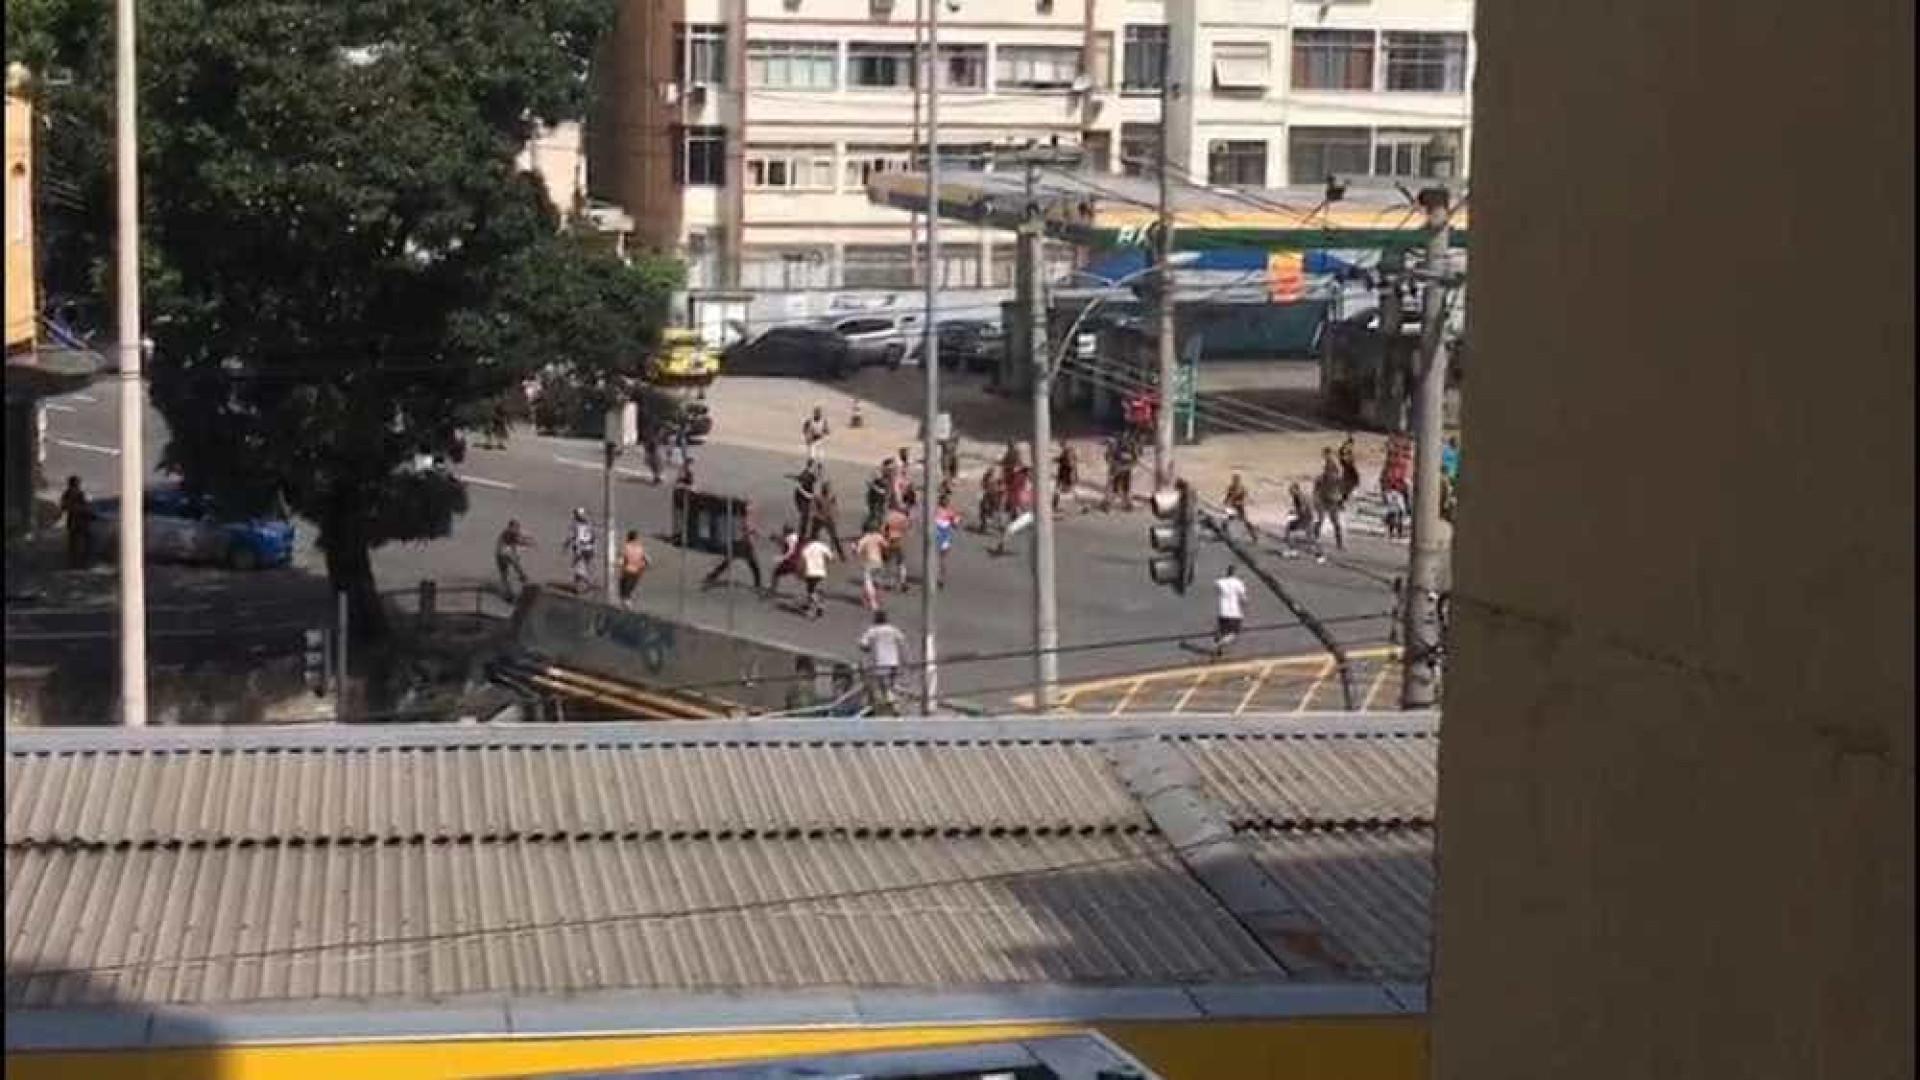 Vídeo: torcedores de Flamengo e Fluminense brigam antes do clássico